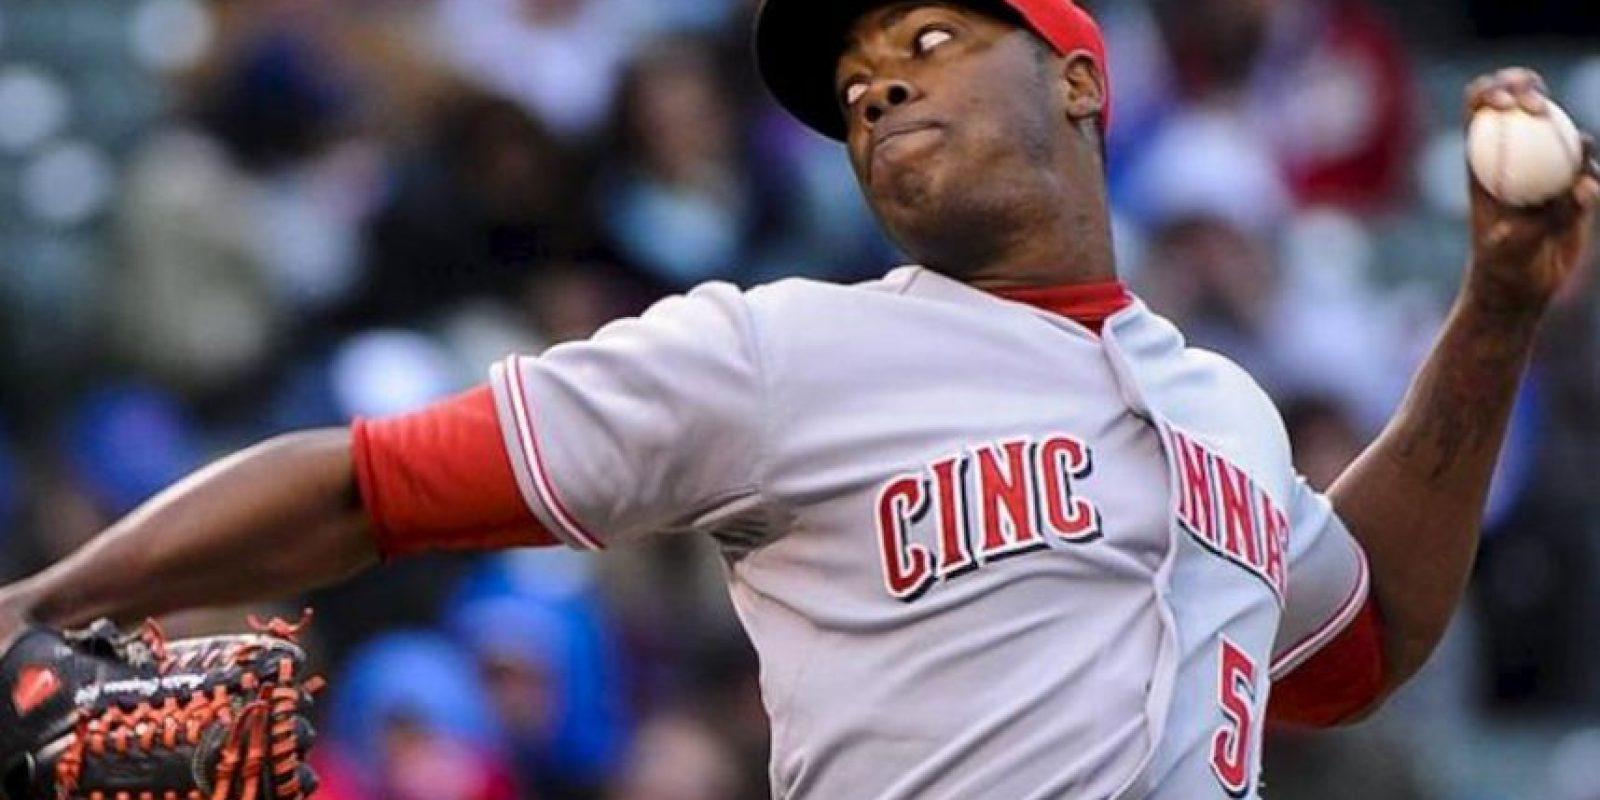 El jugador de los Rojos, Aroldis Chapman, lanza una bola ante los Cubs durante el juego de la MLB que se disputa en el Wrigley Field de Chicago, Illinois (EE.UU.). EFE